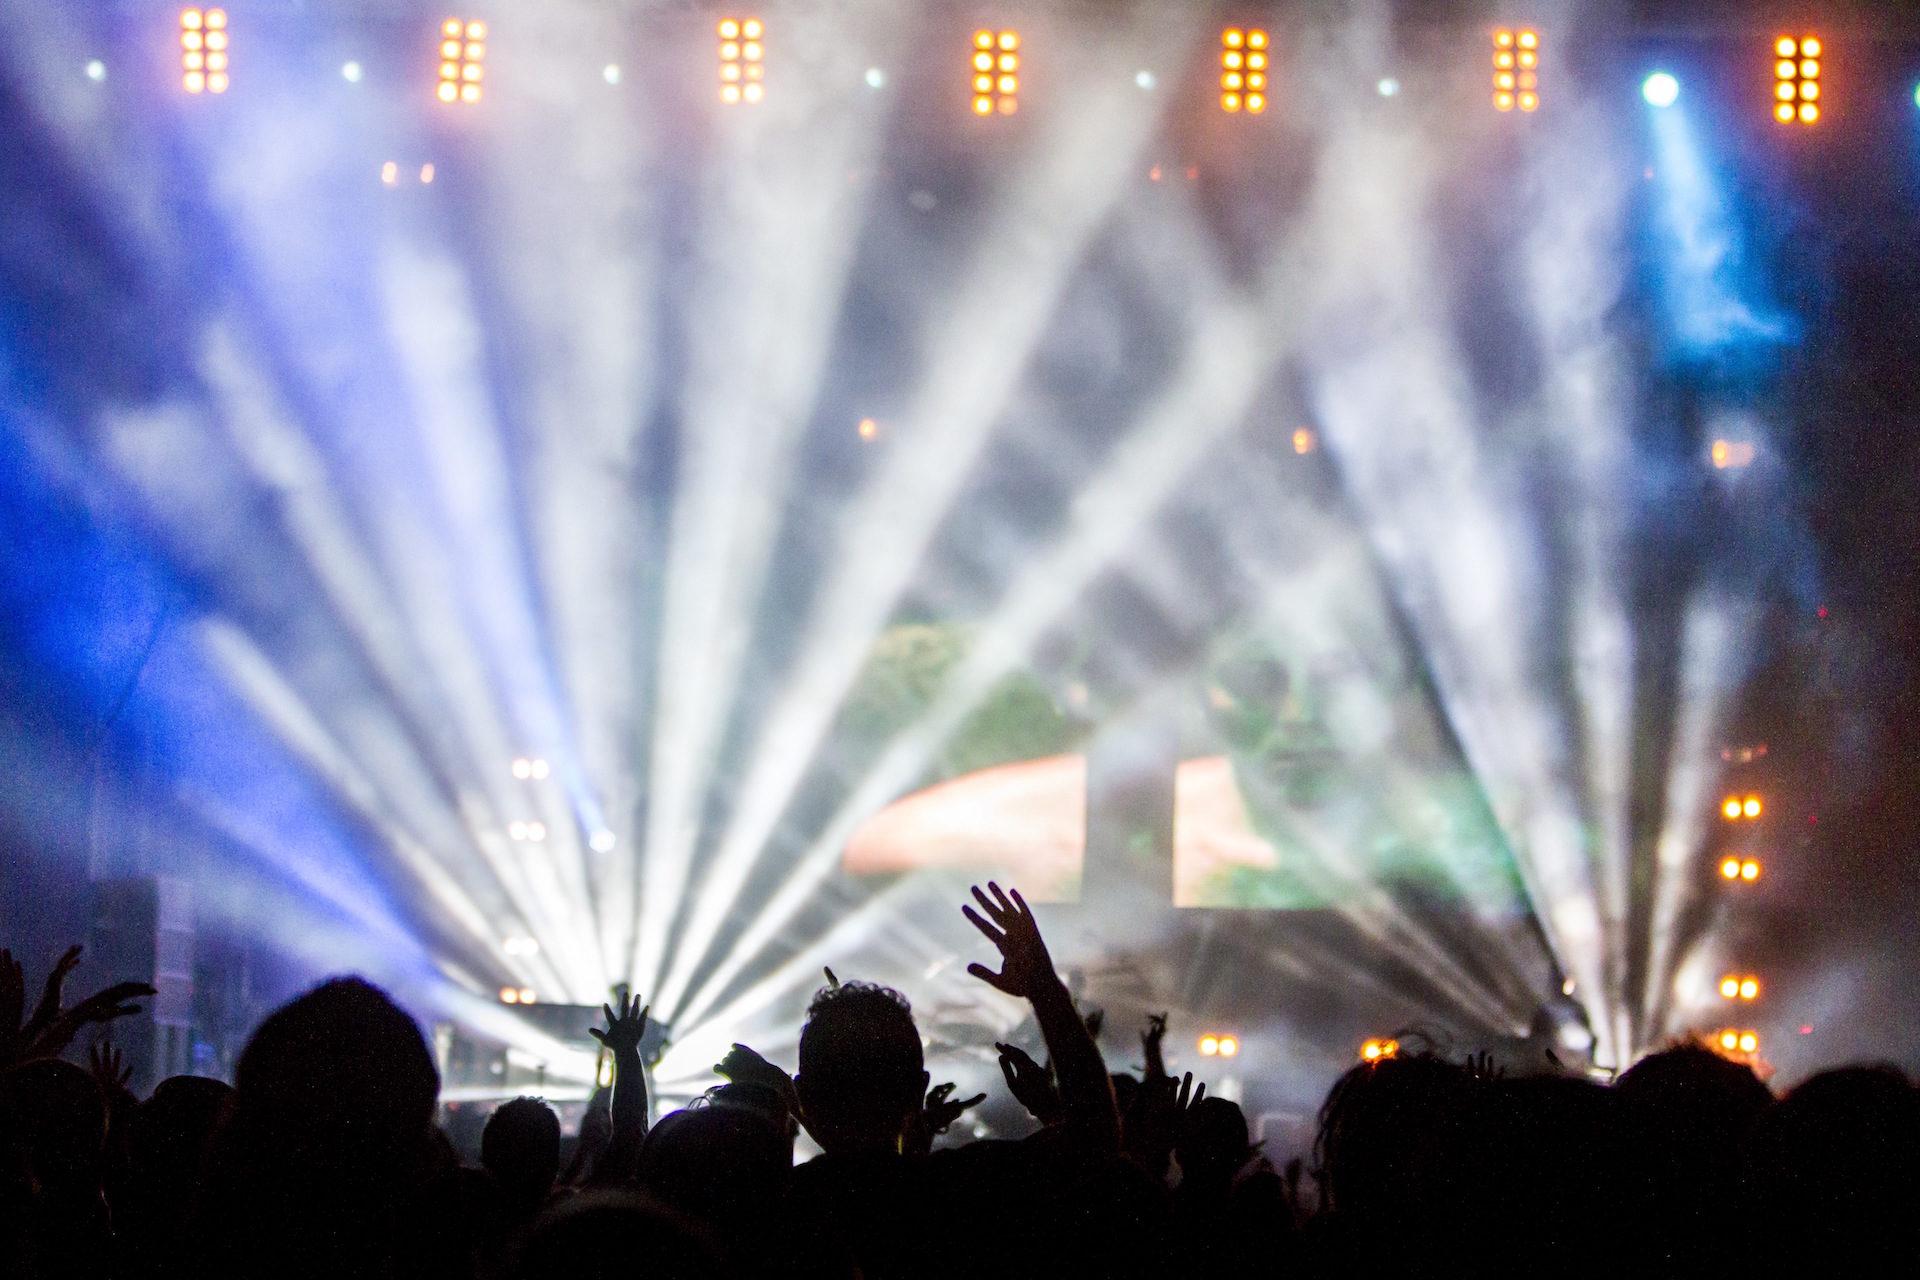 コンサート, ライト, ファン, 人, 楽しい - HD の壁紙 - 教授-falken.com